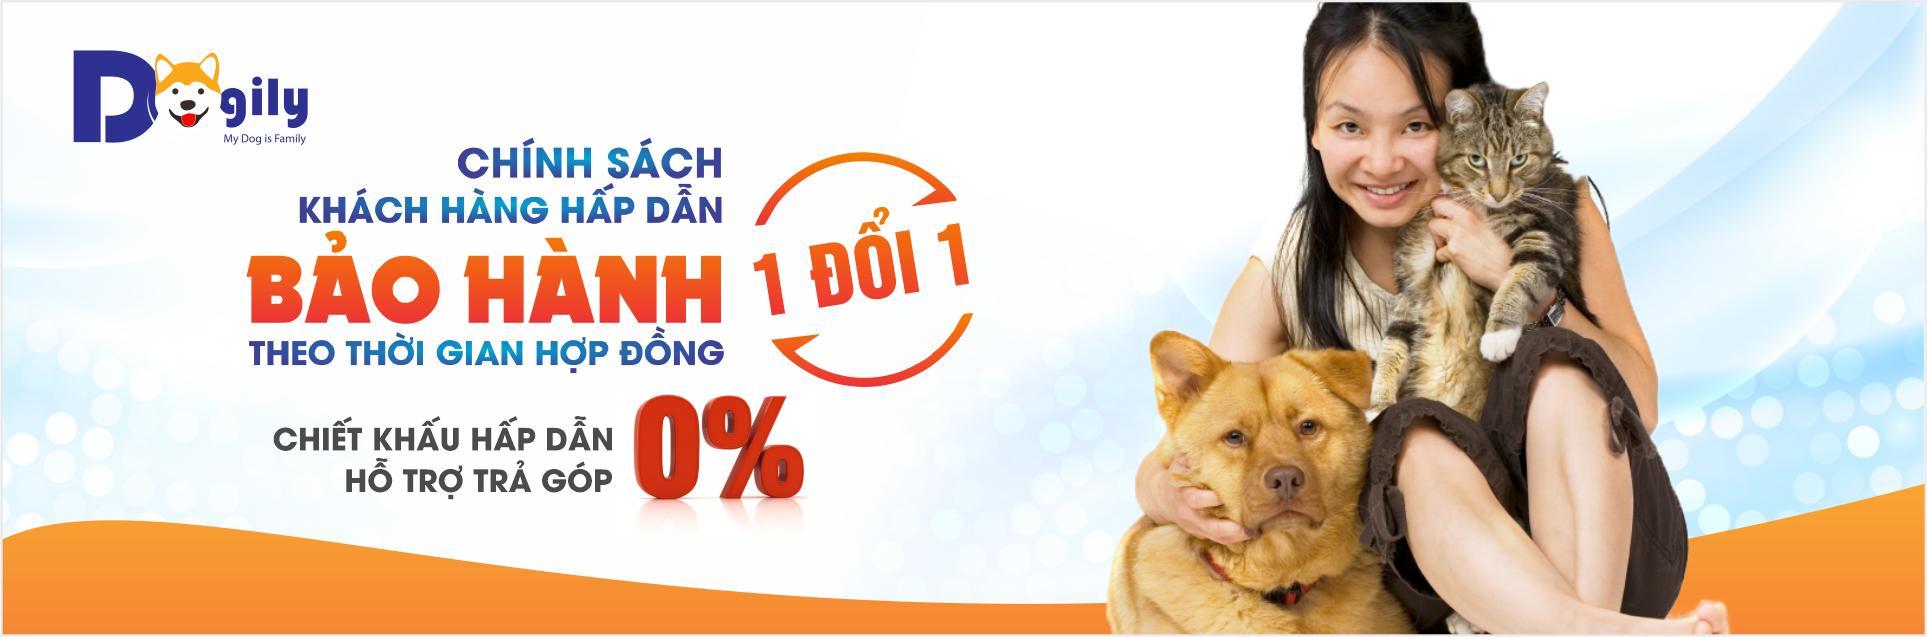 Tại Dogily Petshop, chúng tôi bảo hành sức khỏe 1 đổi 1 trong thời gian hợp đồng và hỗ trợ trả góp lãi suất 0 %, cùng chiết khấu giảm giá và nhiều chương trình khuyến mại hấp dẫn khi mua bán chó Bắc Hà tại hệ thống các cửa hàng ở Tphcm và Hà nội.